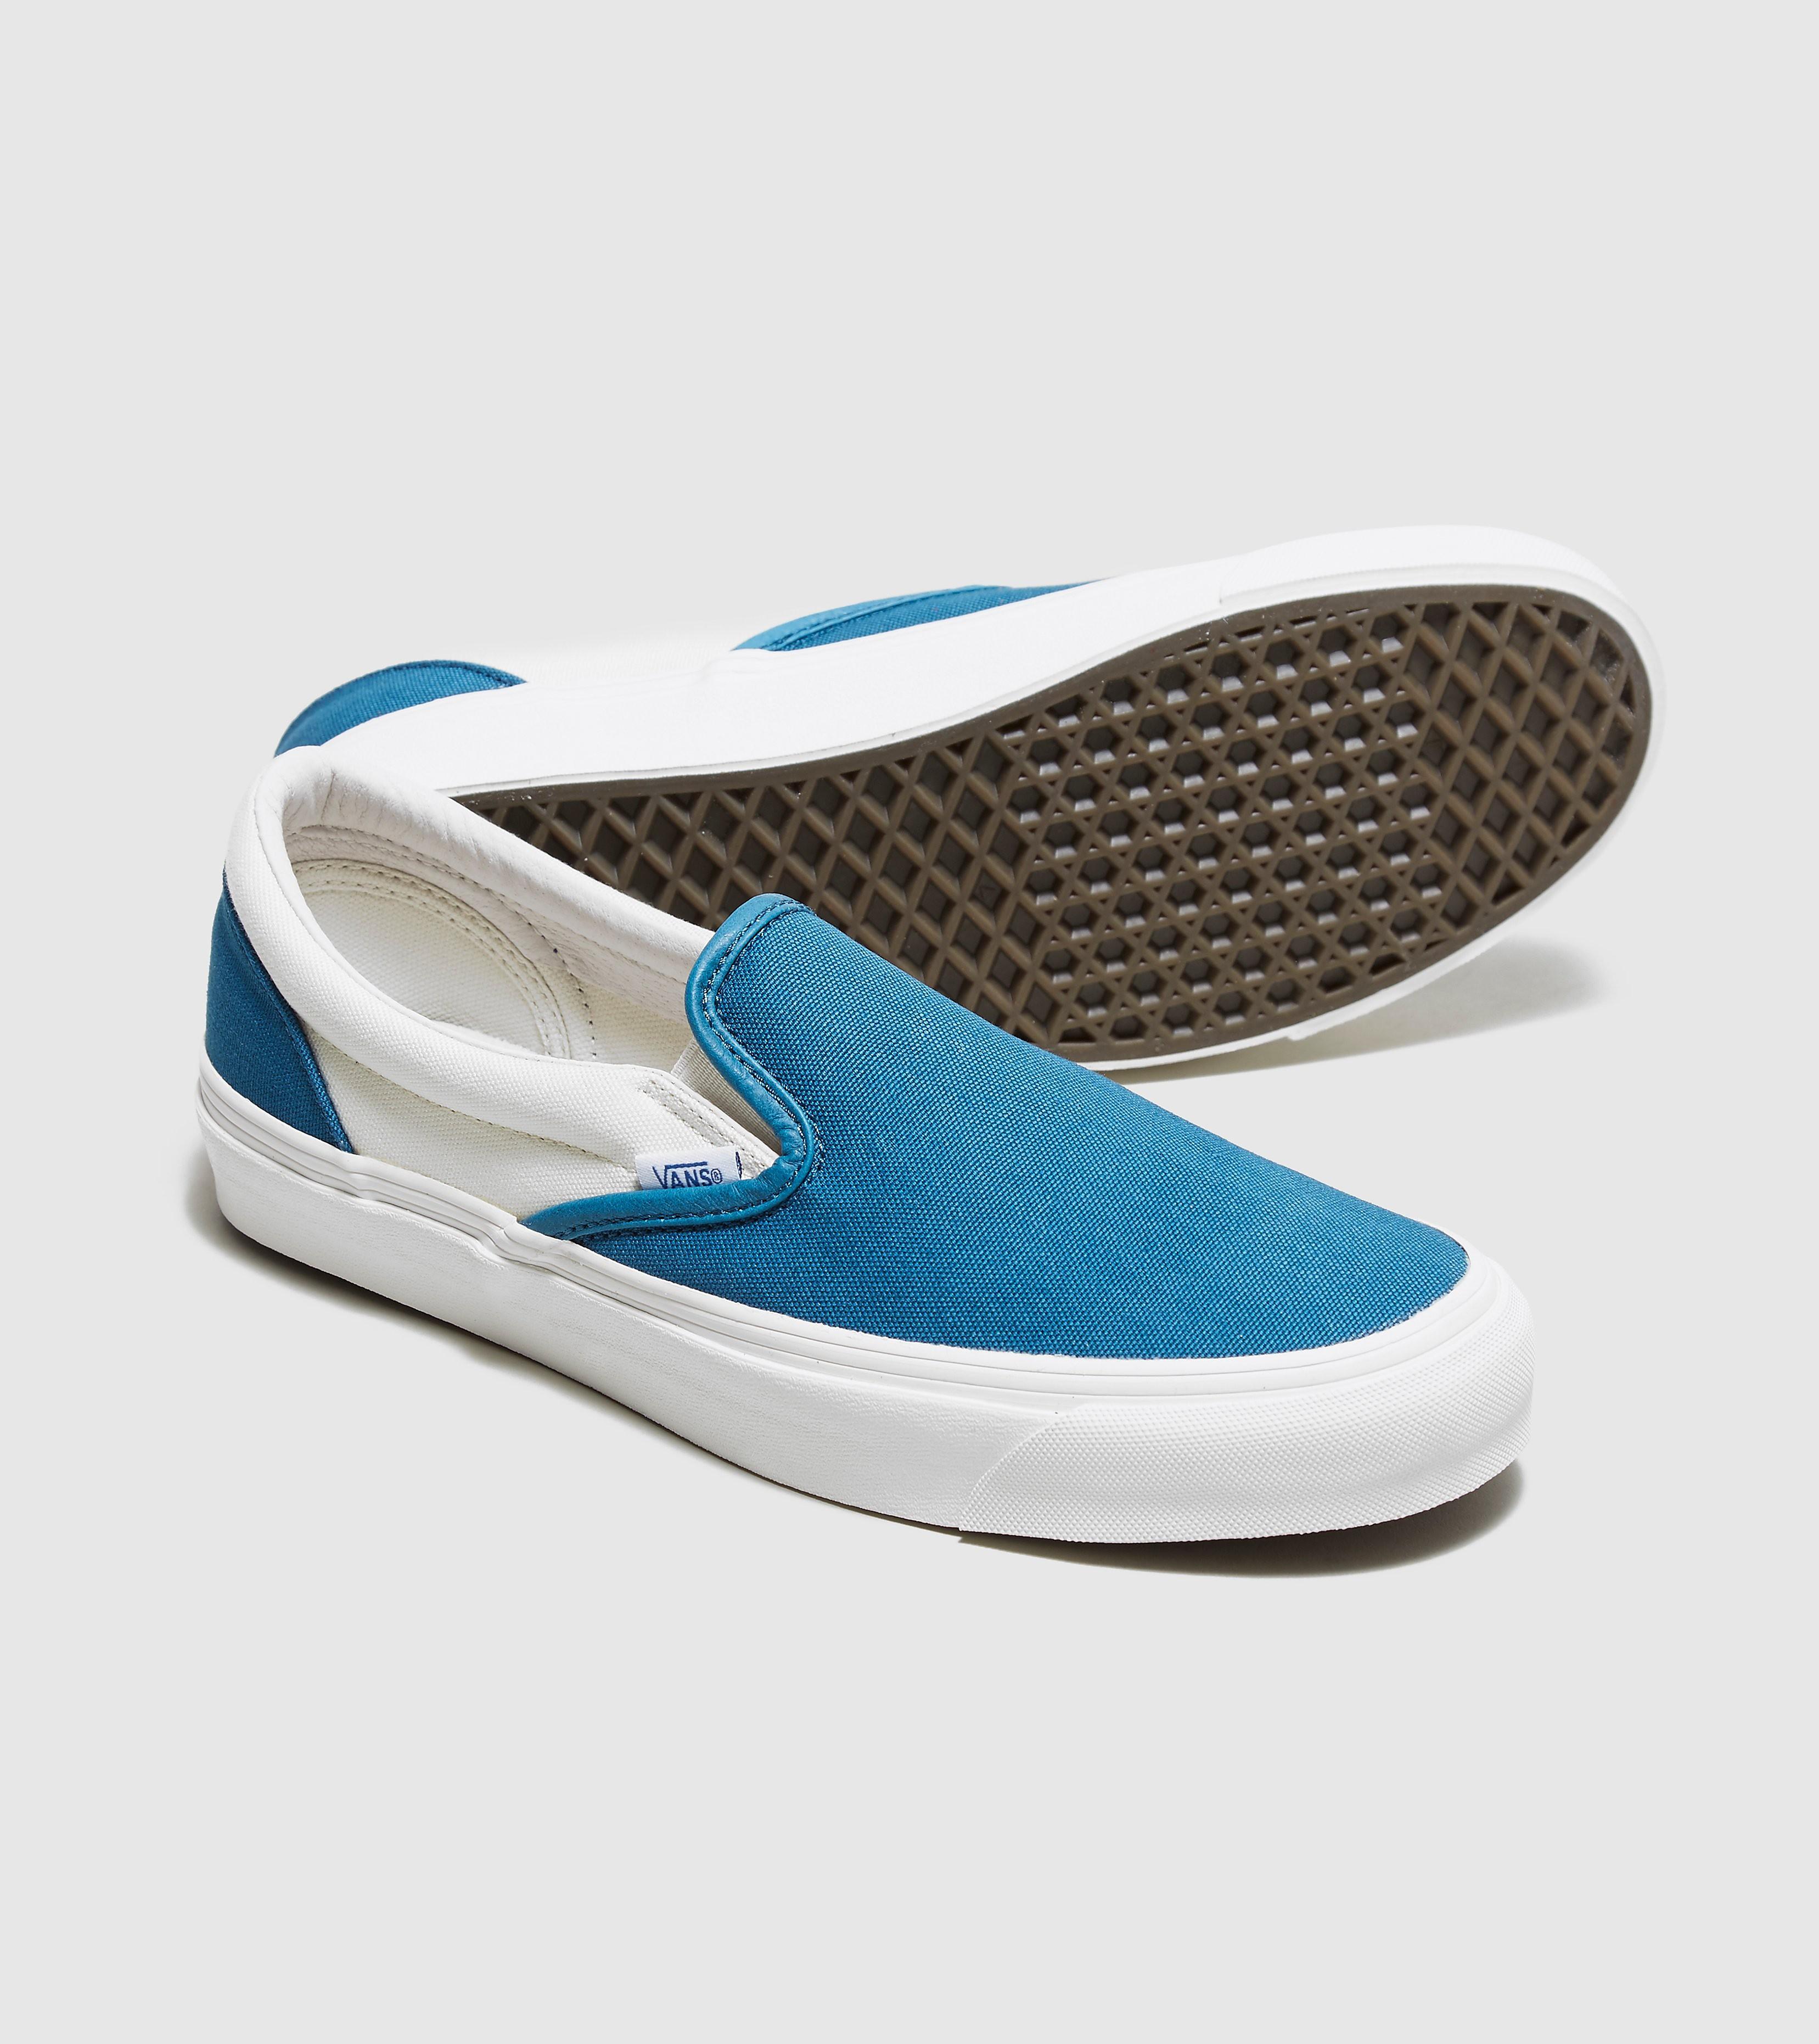 Vans OG Classic Slip-On